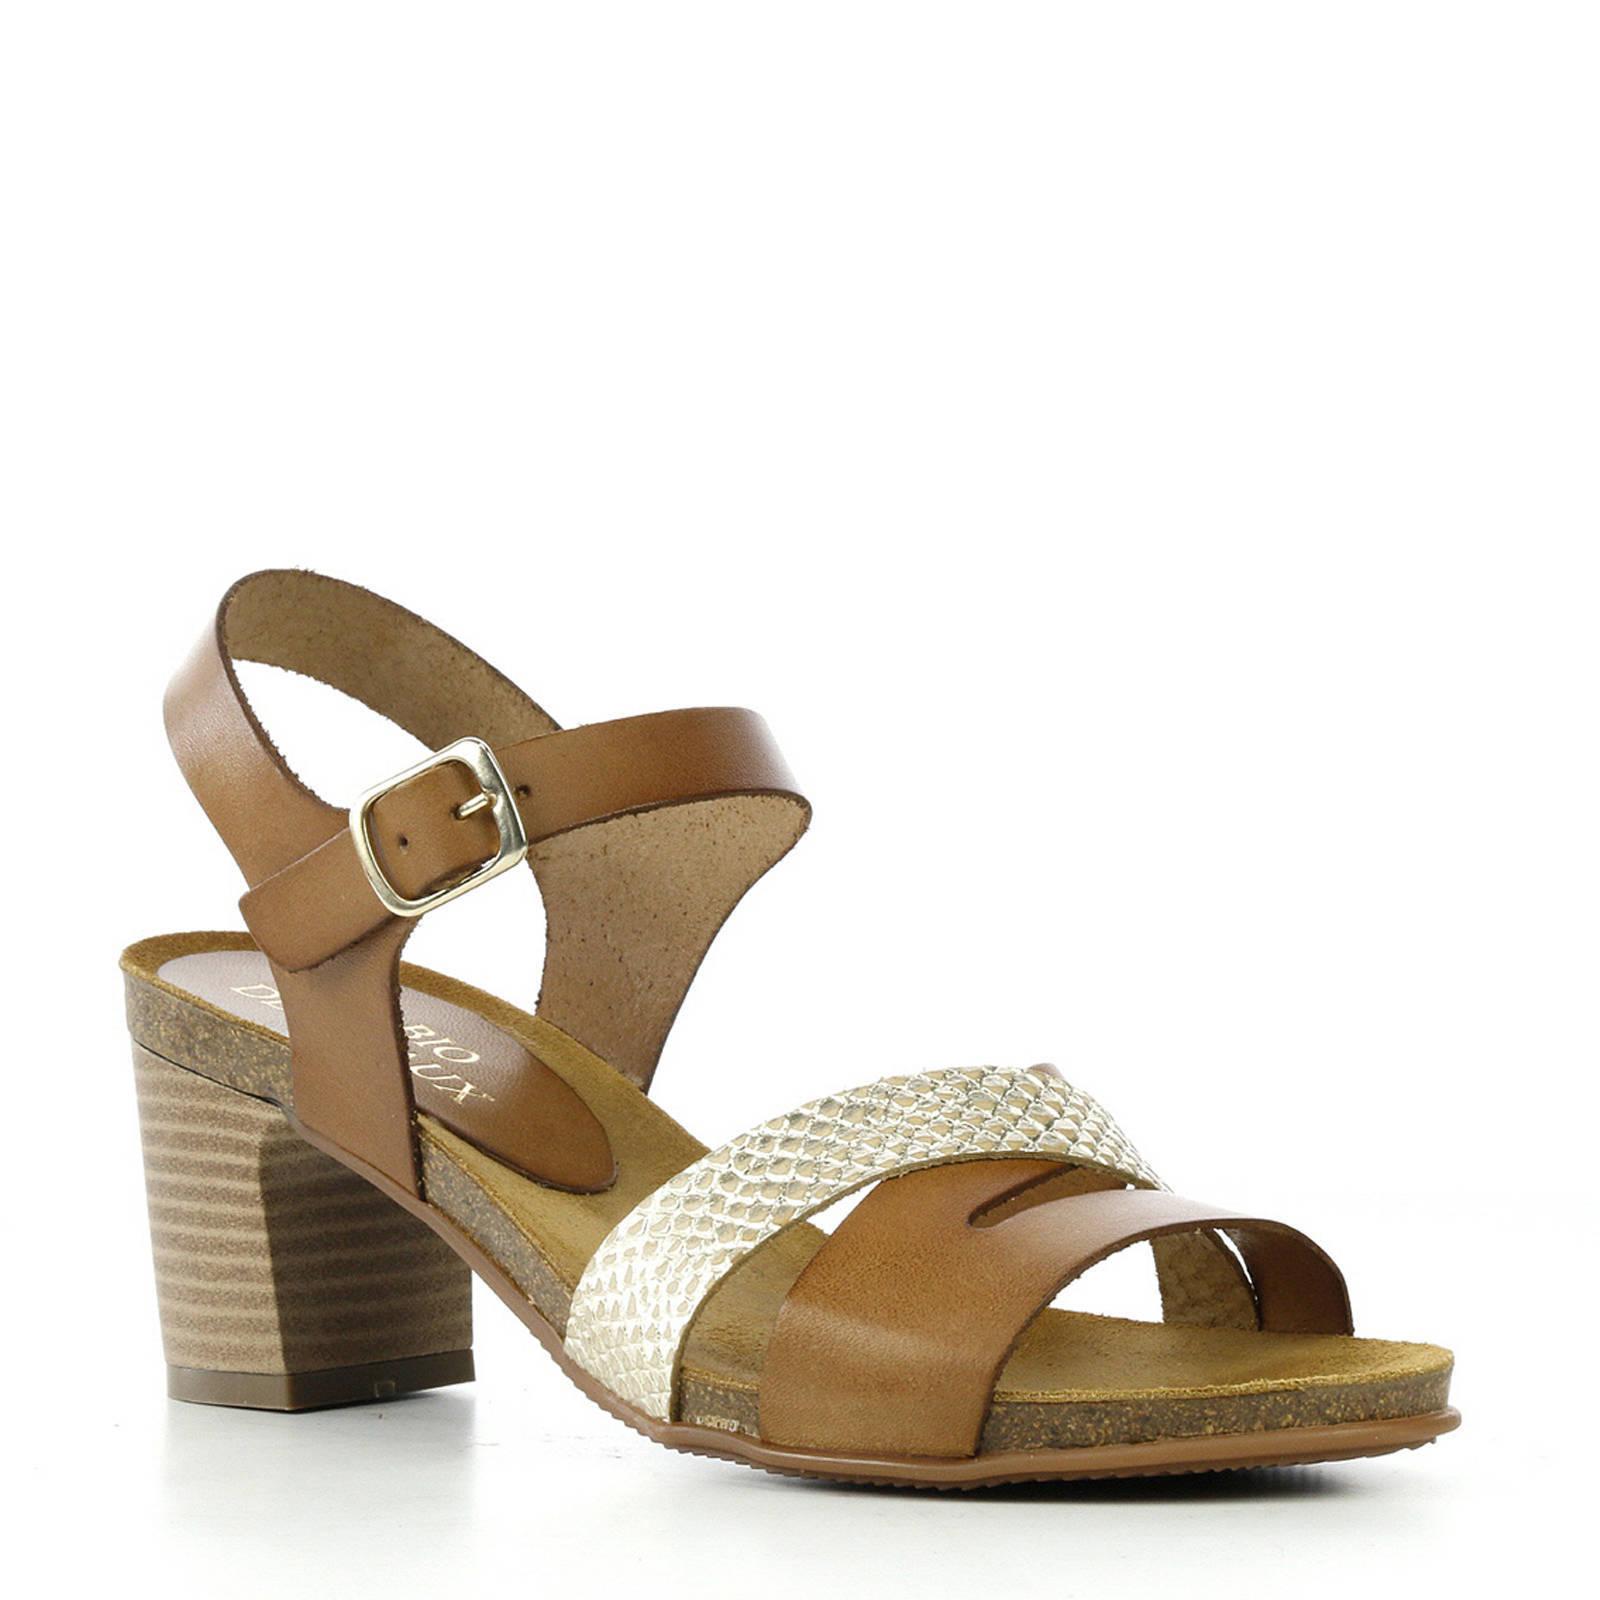 1cf0a69c63c1ed Nieuwe collectie damesschoenen   -sneakers bij wehkamp - Gratis bezorging  vanaf 20.-